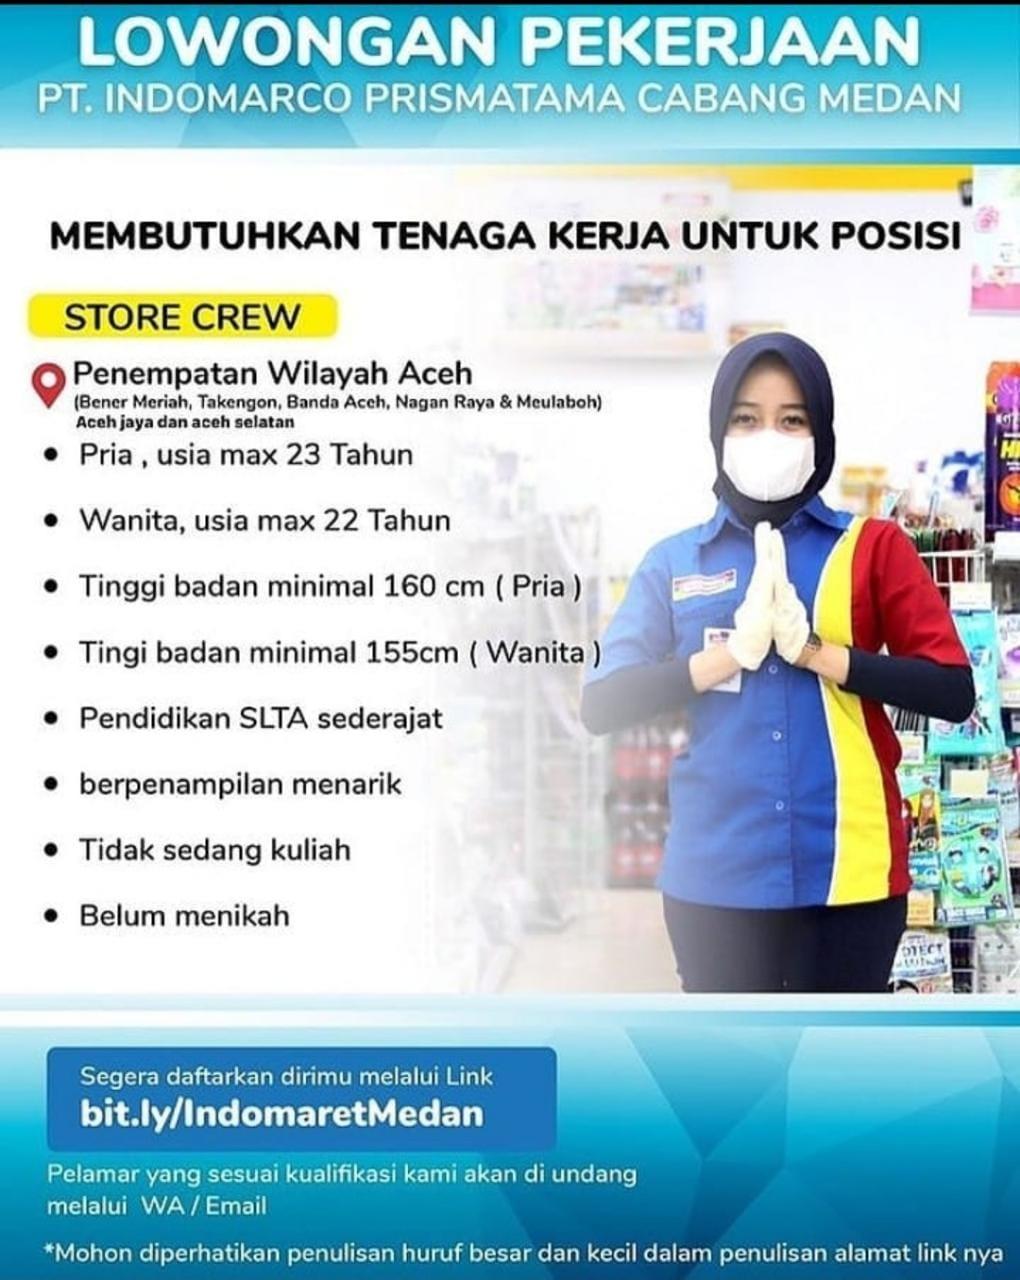 Lowongan Kerja Indomaret Lulusan Sma Penempatan 7 Wilayah Aceh